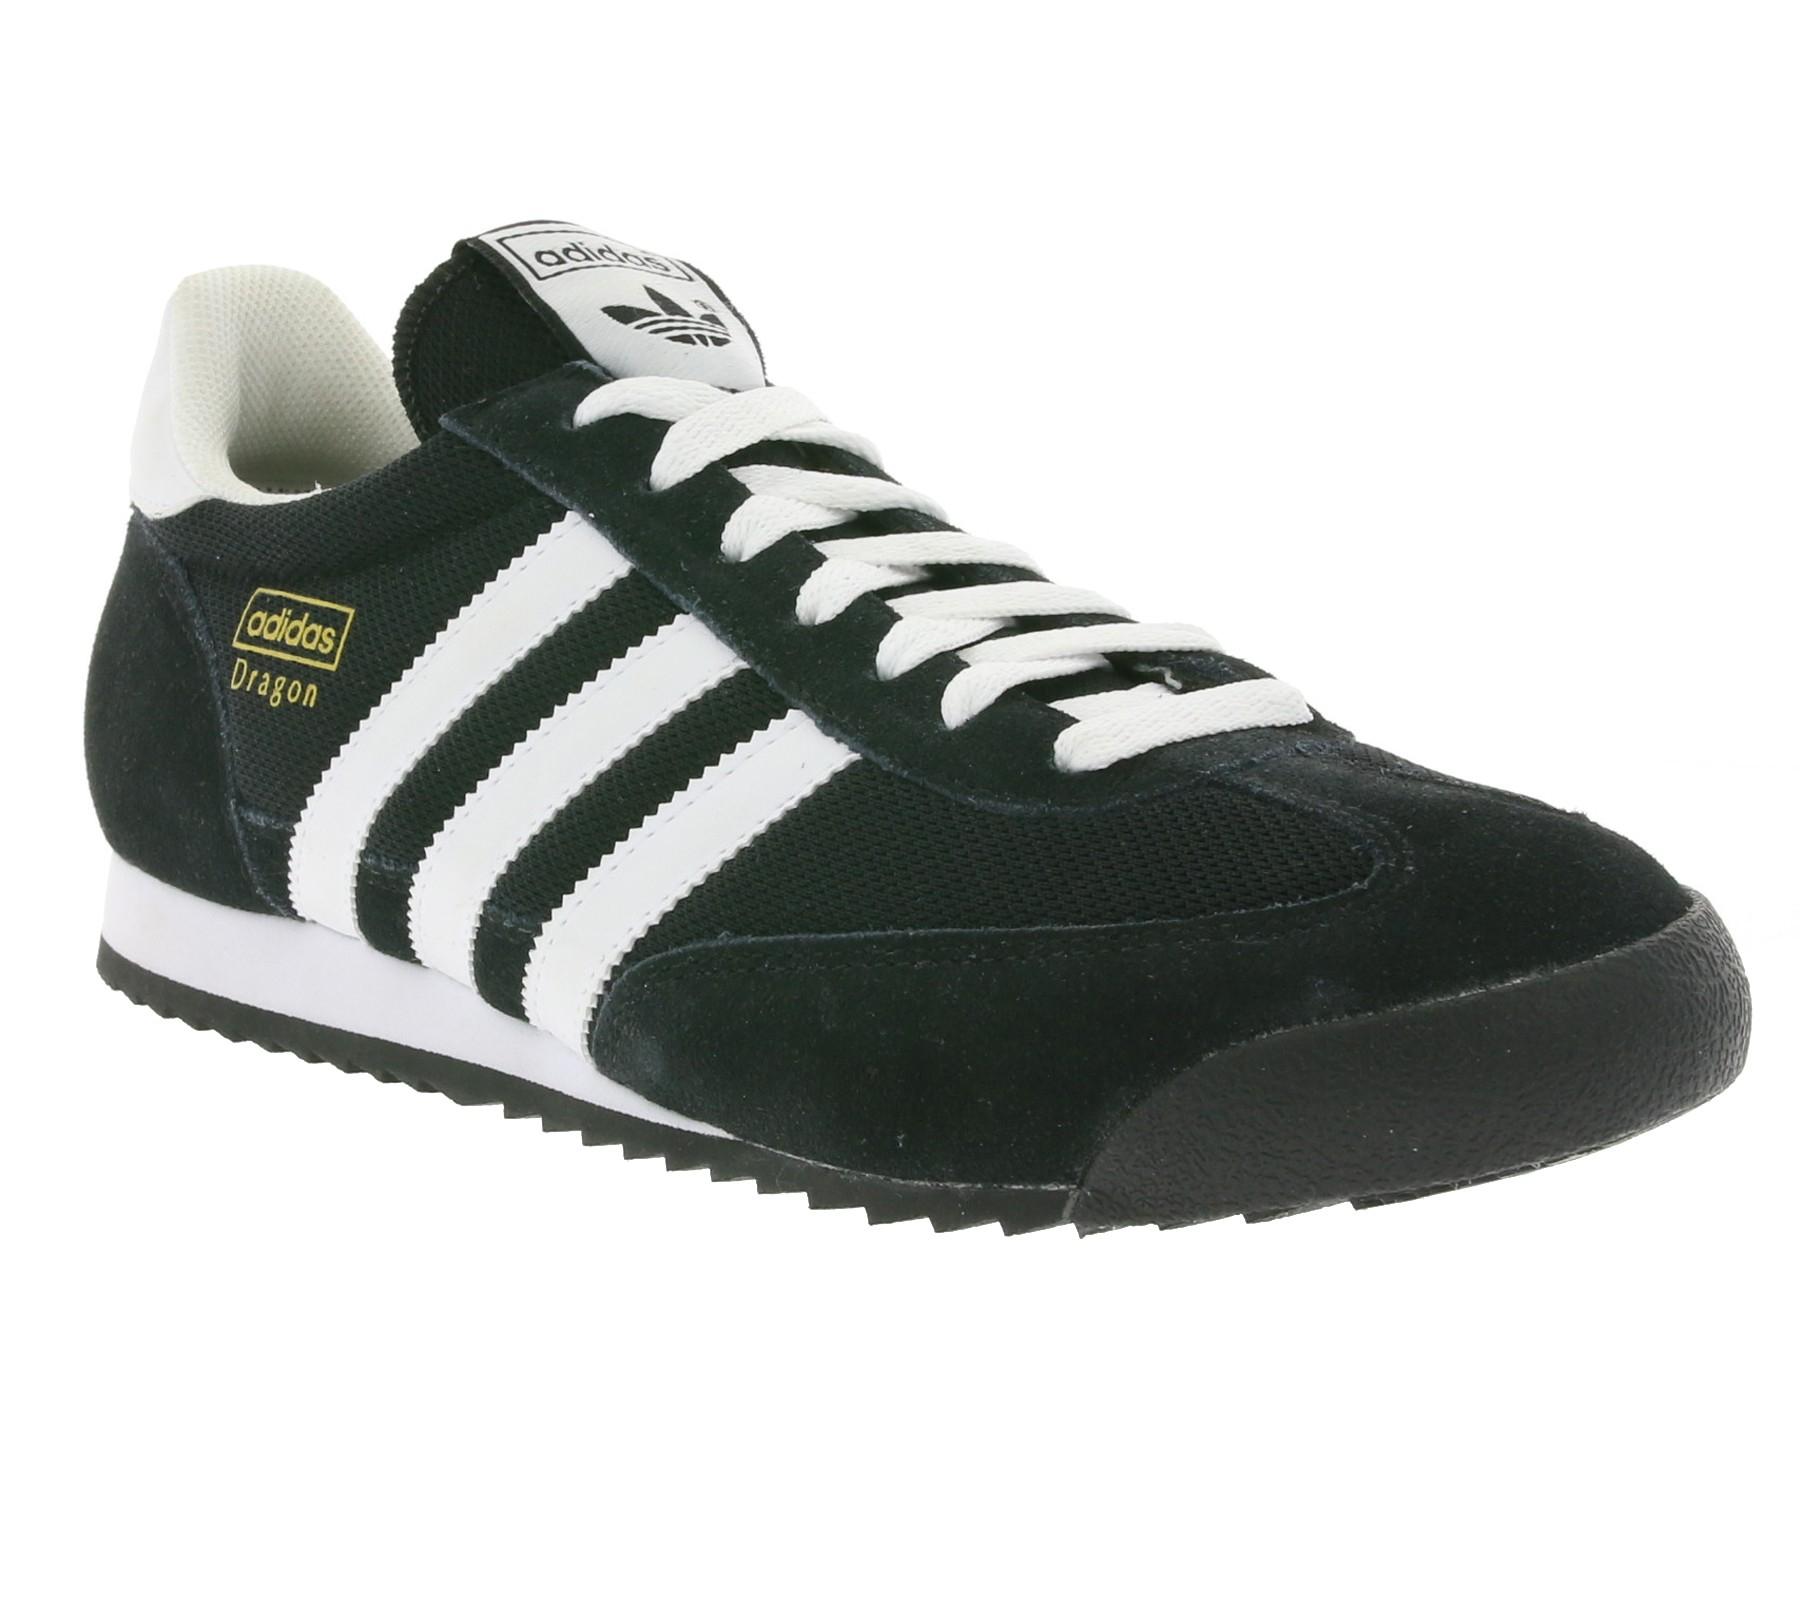 Adidas Dragon für 39,99€bei Outlet46 in Größe 41 1/3 bis 45 1/3